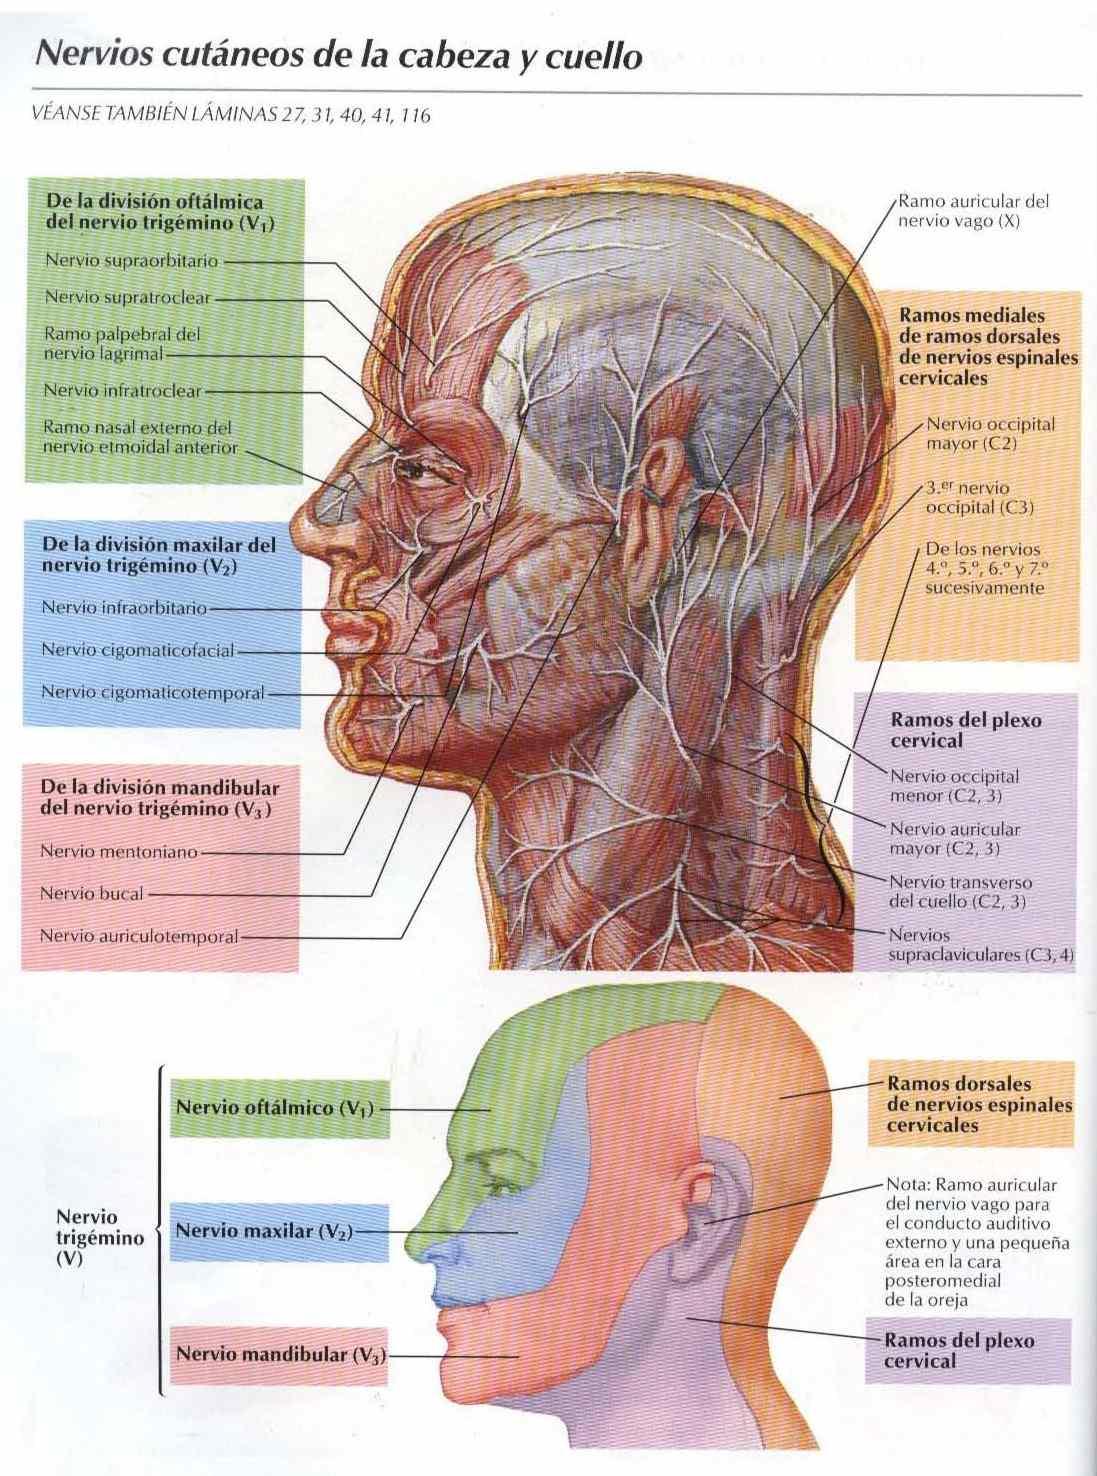 Nervios cutáneos de la cabeza y cuello - Salud, vida sana, la ...